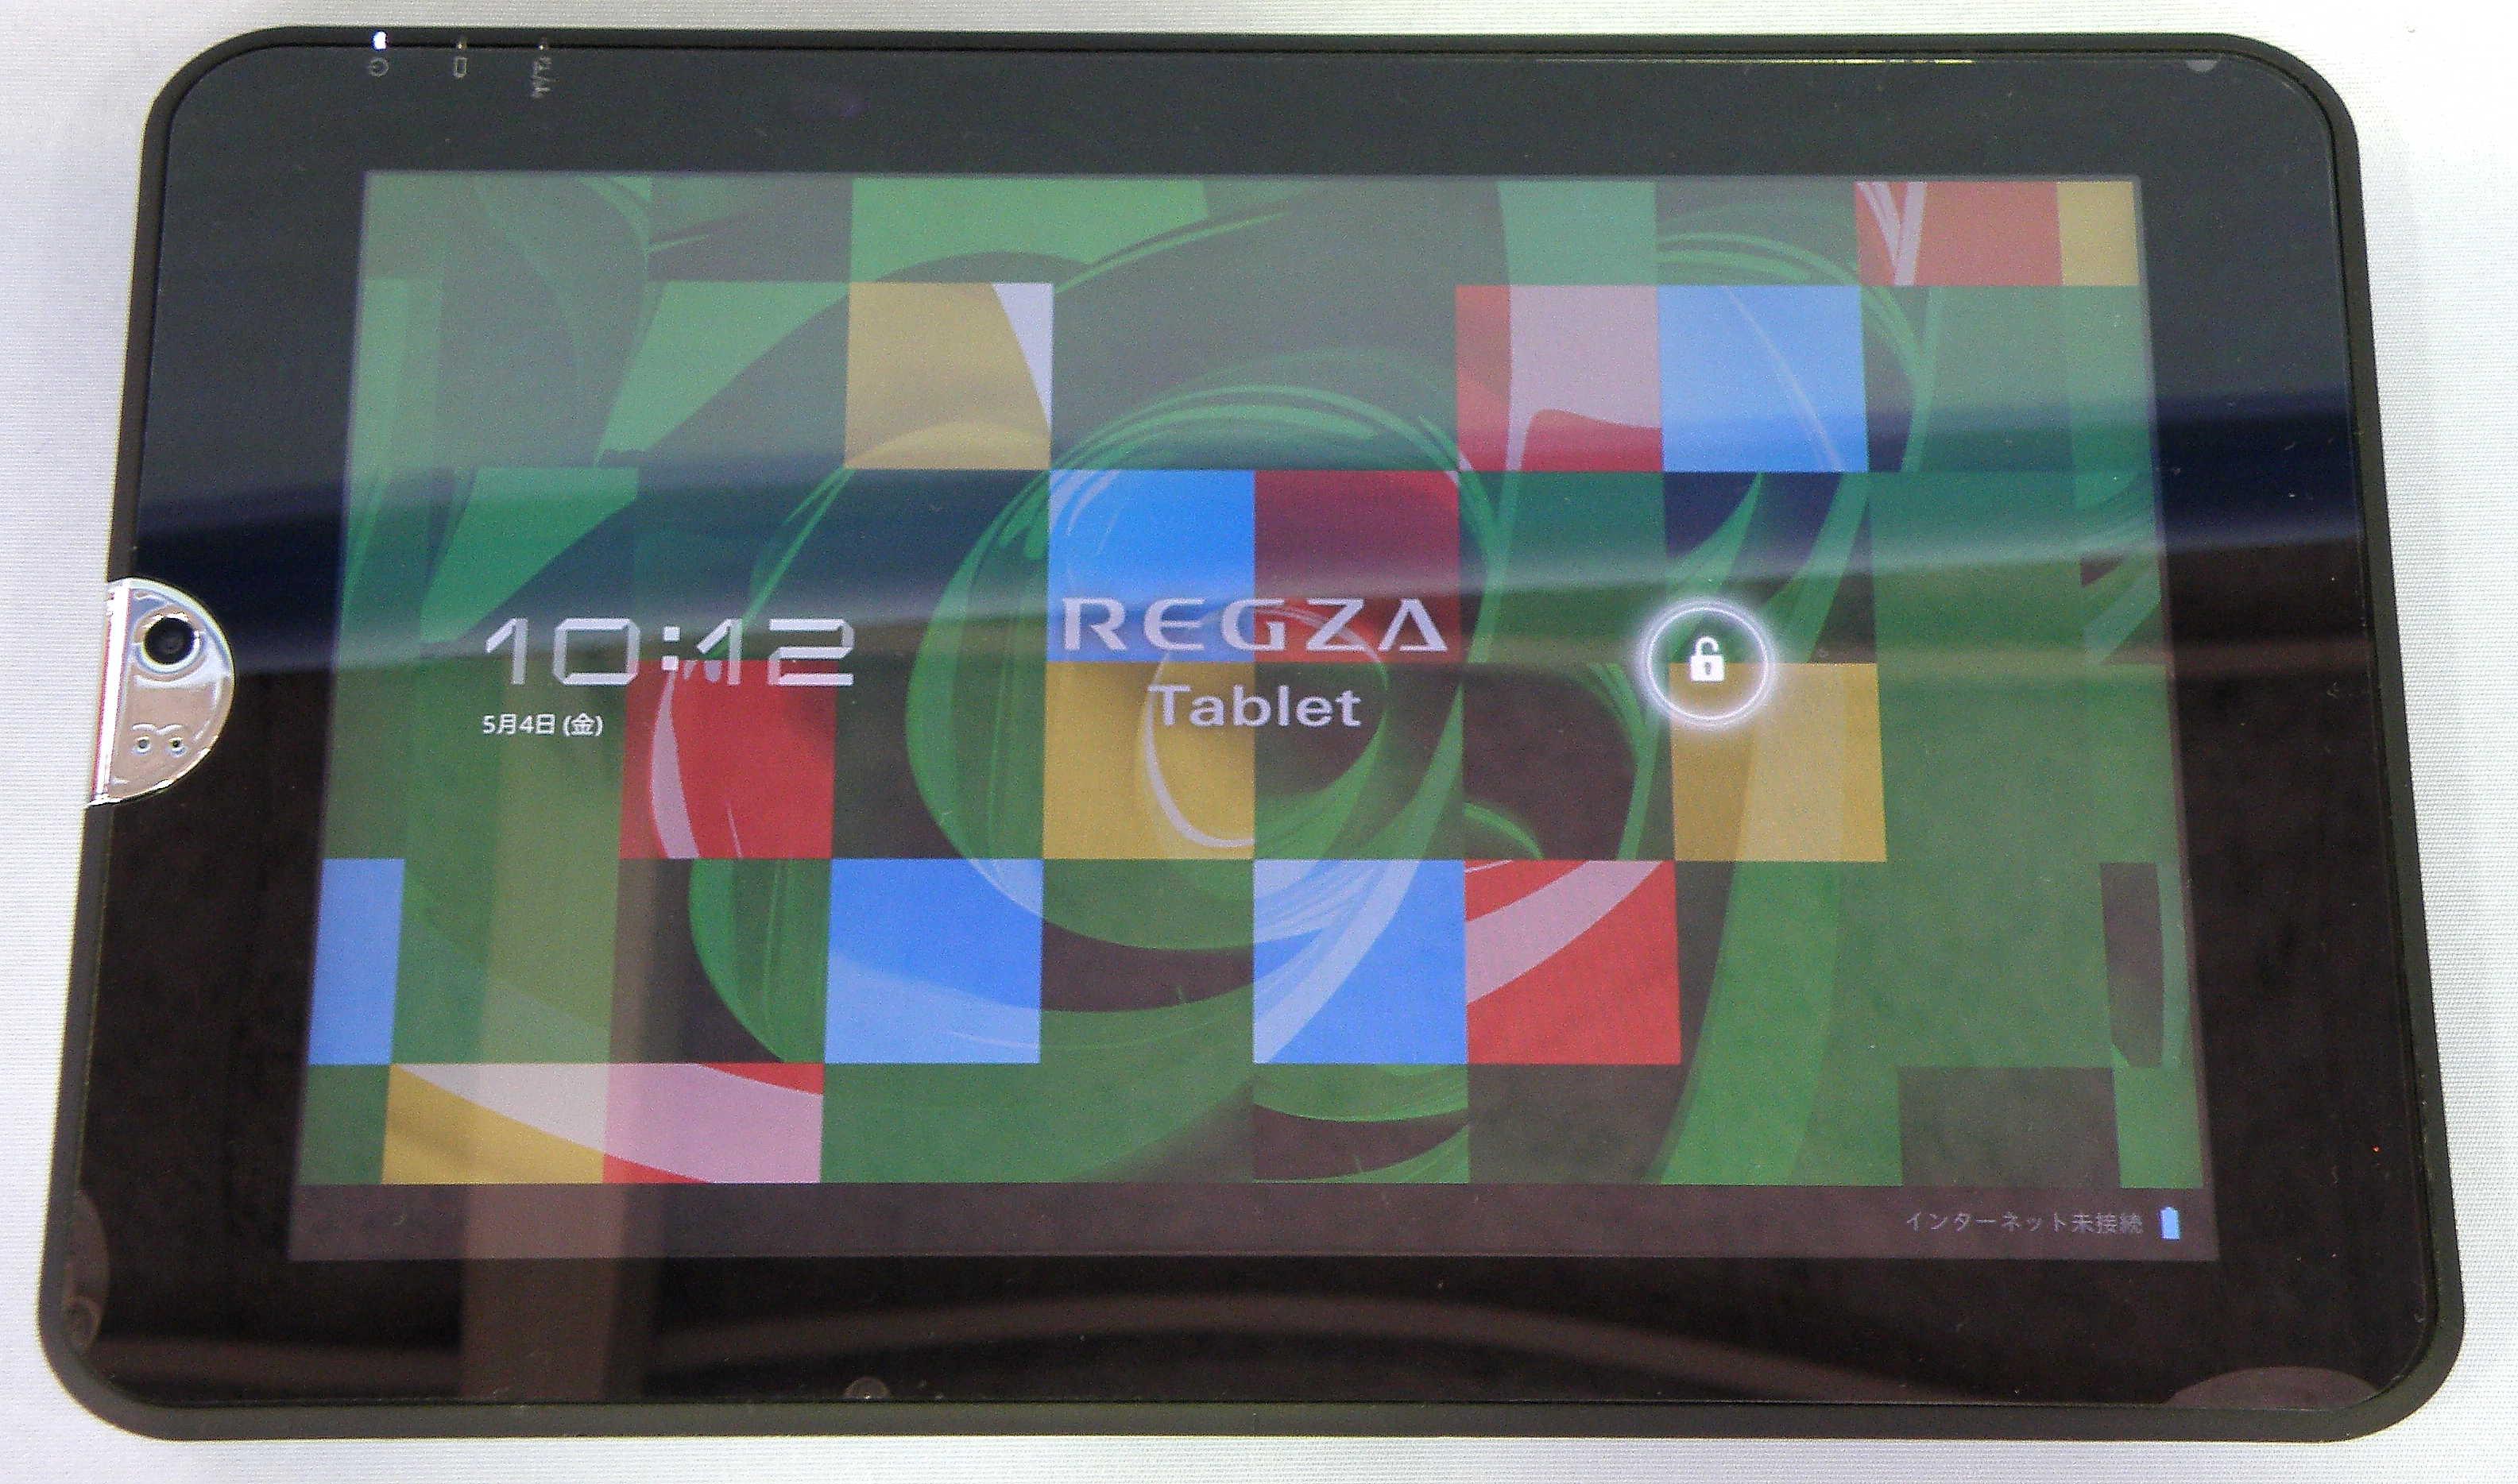 東芝 タブレット REGZA Tablet AT300/24C